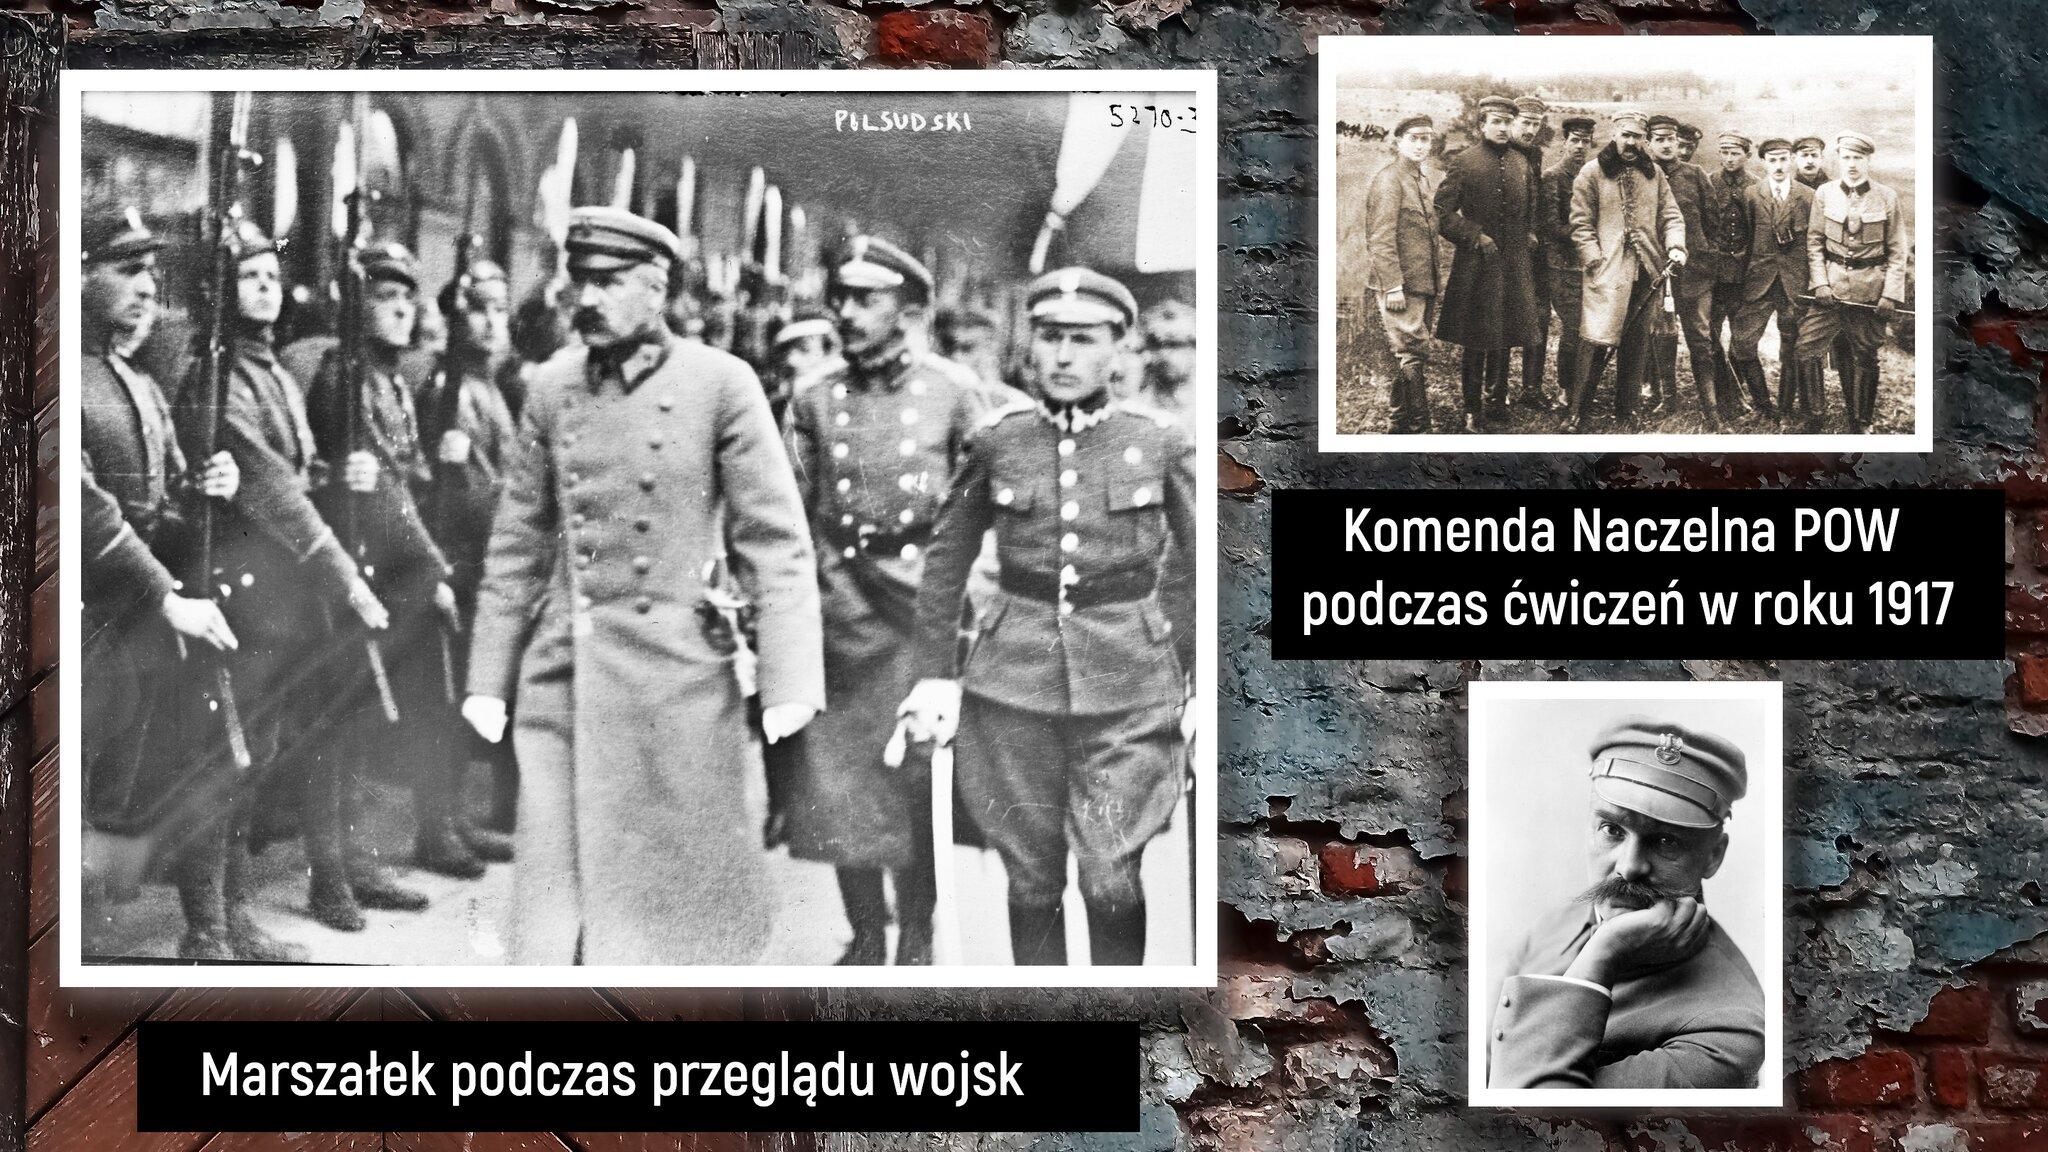 """Na ekranie są przedstawione trzy czarno-białe zdjęcia umieszczone na ceglanej ścianie. Na pierwszym zdjęciu znajdują się żołnierze wpłaszczach wojskowych wczapkach rogatywkach. Na pierwszej fotografii na pierwszym planie znajduje się Józef Piłsudski. Obok niego stoją żołnierze zkarabinami skierowanymi wgórę. Zboku grafiki umieszczone są dwa mniejsze zdjęcia, jedno pod drugim. Pierwsze przedstawia mężczyzn wpłaszczach, kurtkach iczapkach rogatywkach. Wśród nich jest także Józef Piłsudski. Pomiędzy zdjęciami znajduje się prostokąt znapisem: """"Komenda Naczelna POW podczas ćwiczeń wroku 1917"""". Kolejne zdjęcie przedstawia mężczyznę mającego czapkę zumieszczonym orłem pośrodku. Mężczyzna pozuje do zdjęcia podpierając brodę lewą ręką. To zdjęcie jest portretem Józefa Piłsudskiego."""